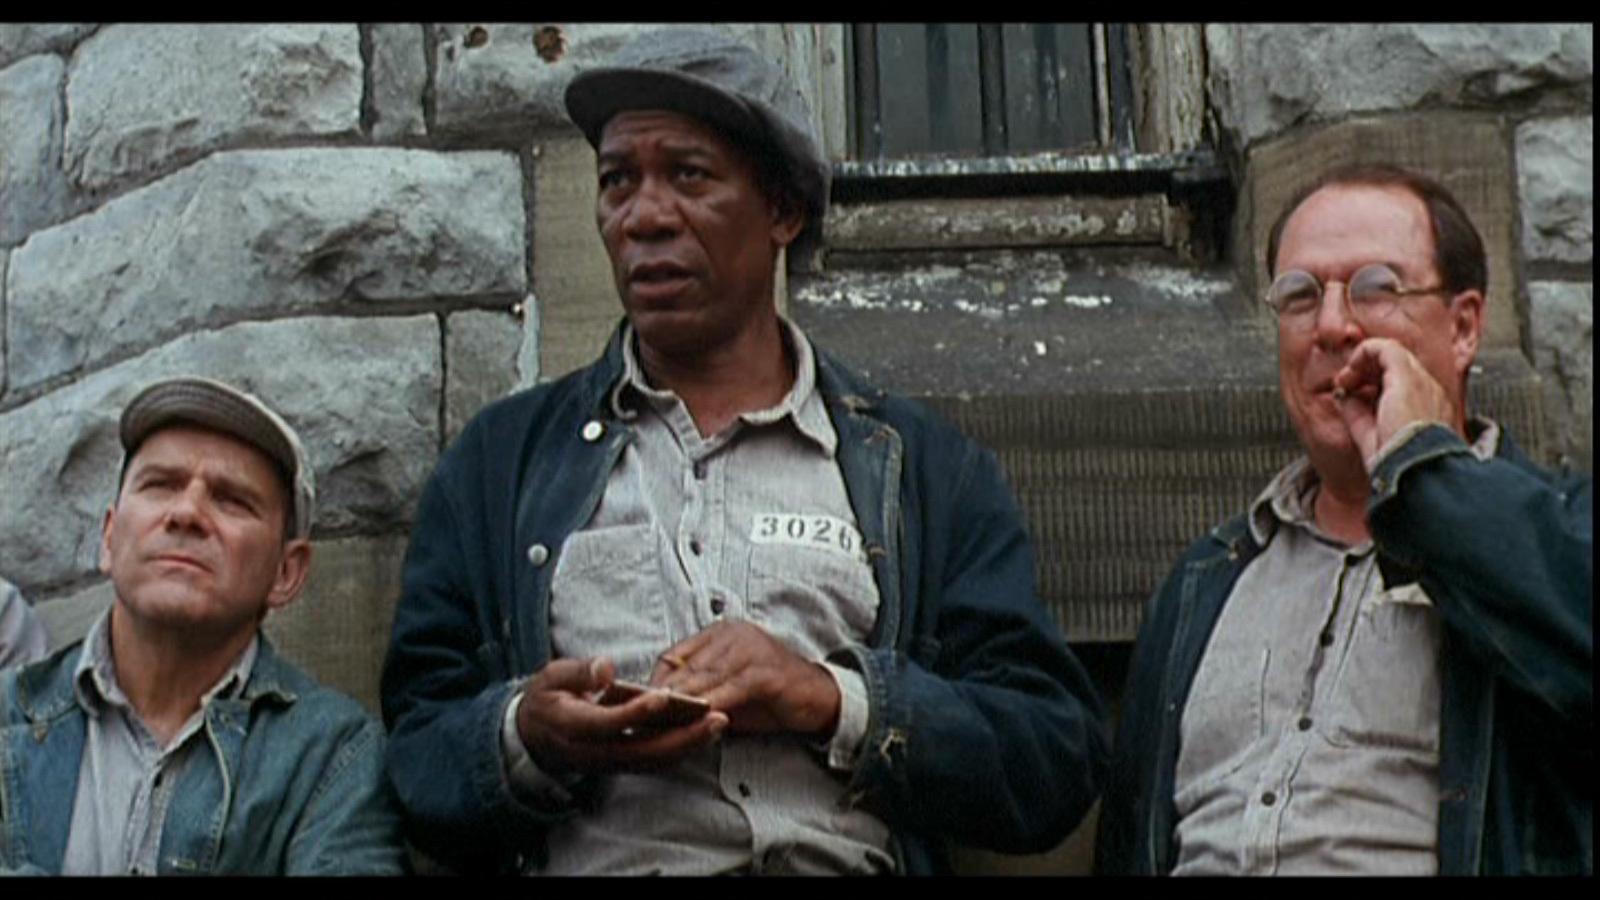 The Shawshank Redemption - The Shawshank Redemption Image (16632401) - Fanpop